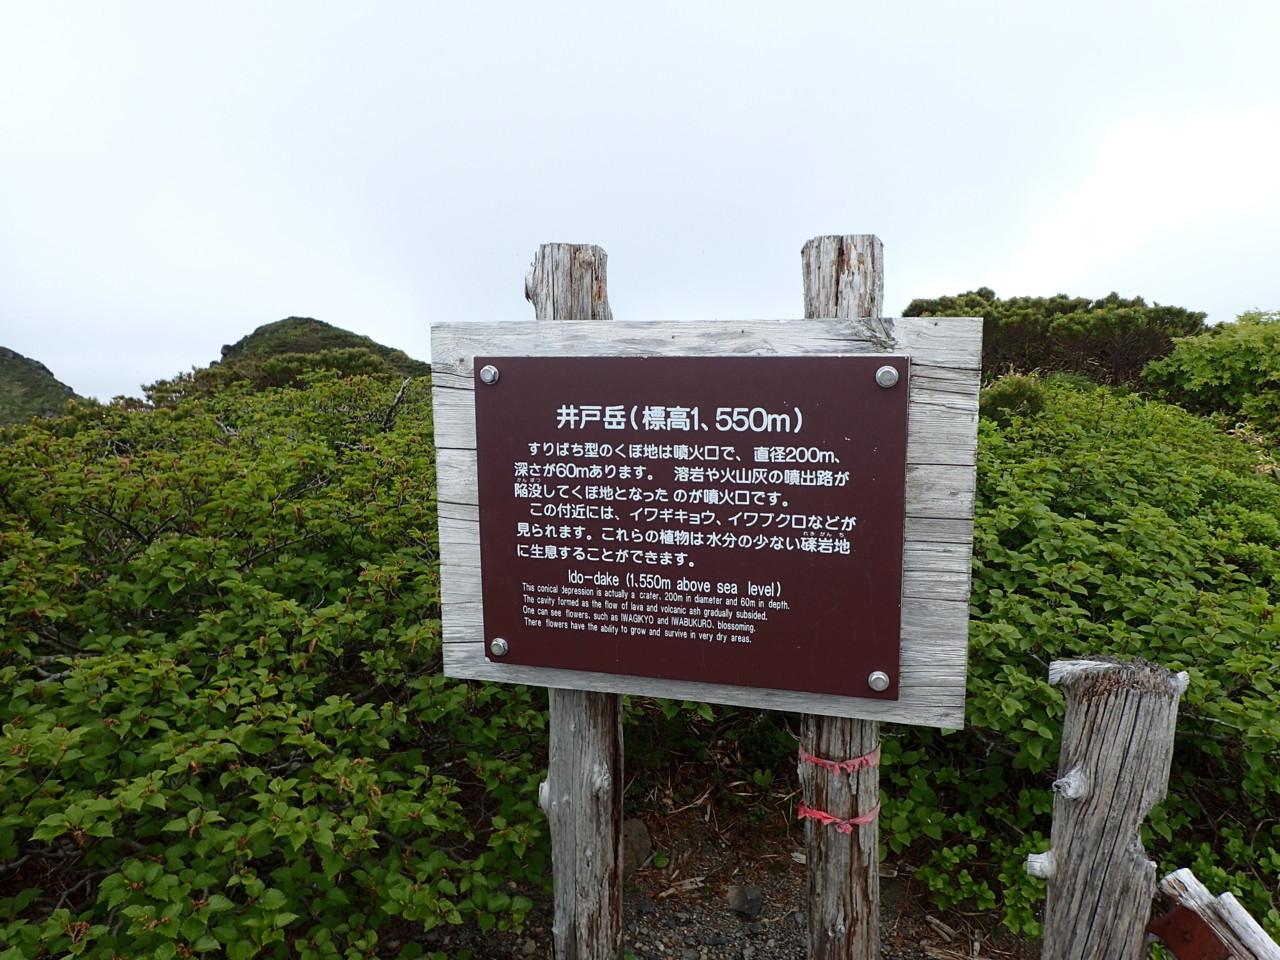 井戸岳ガイド板